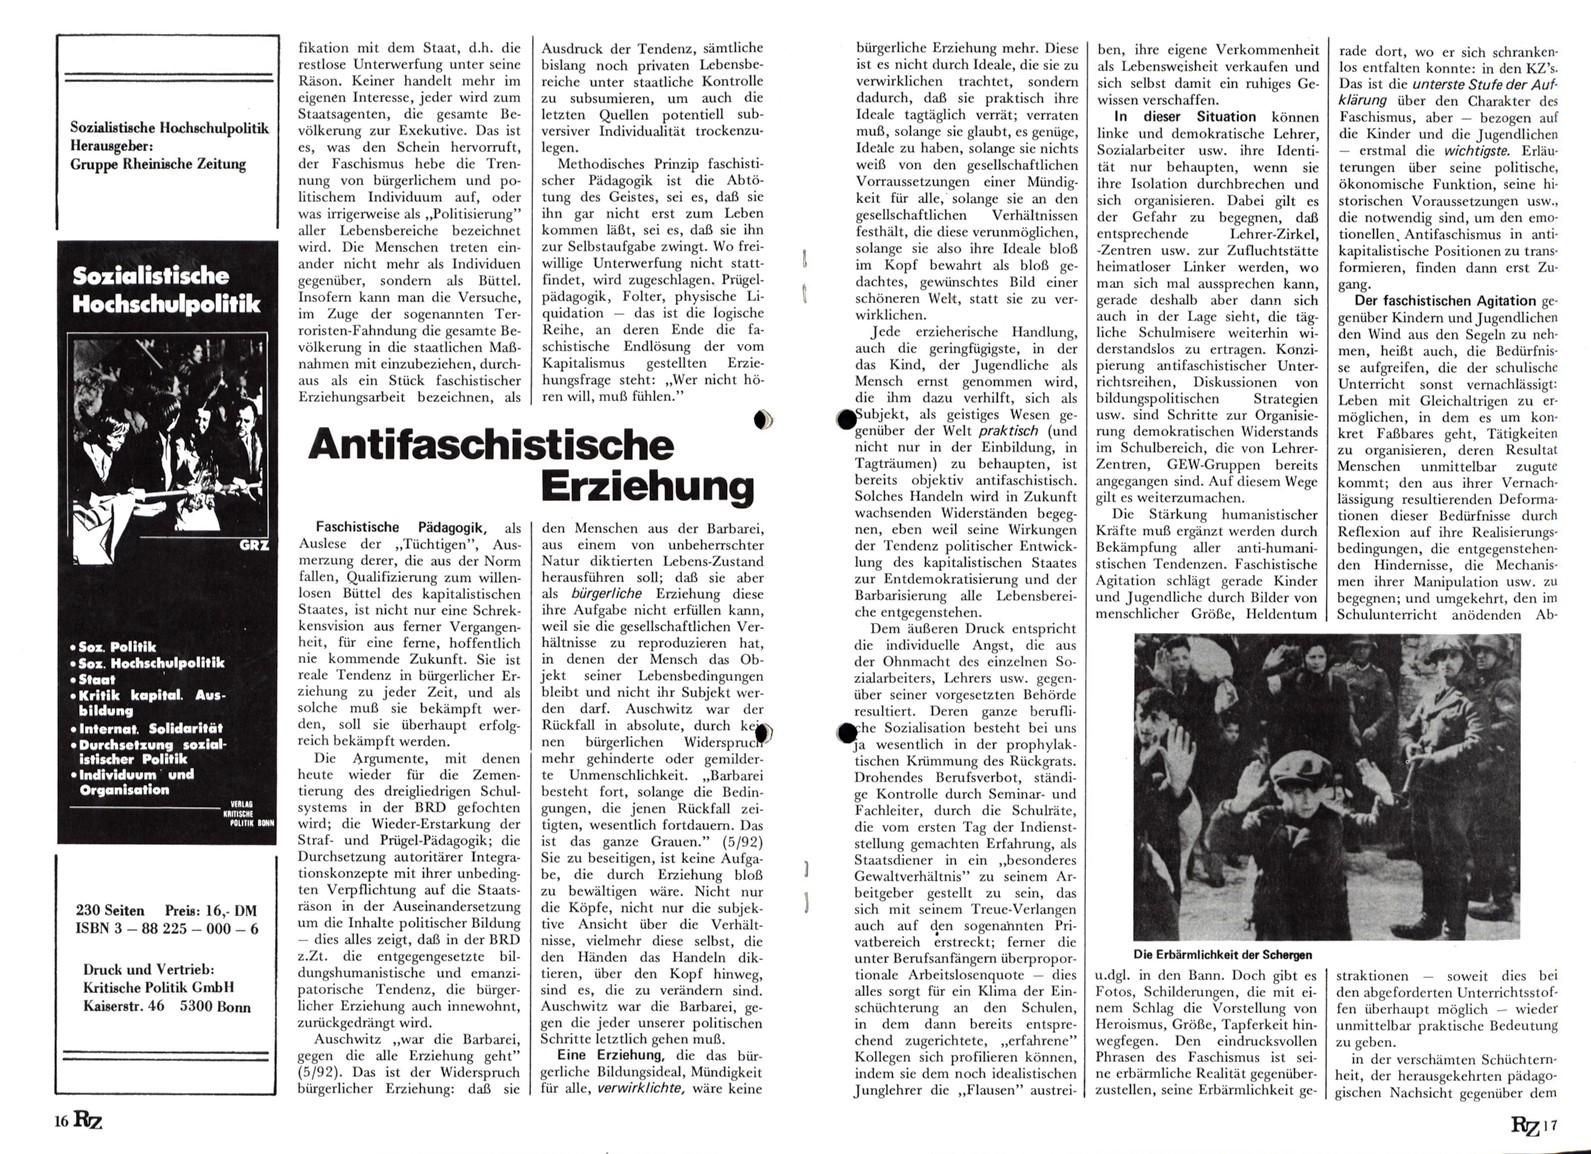 Bonn_RZ_15_19780500_09